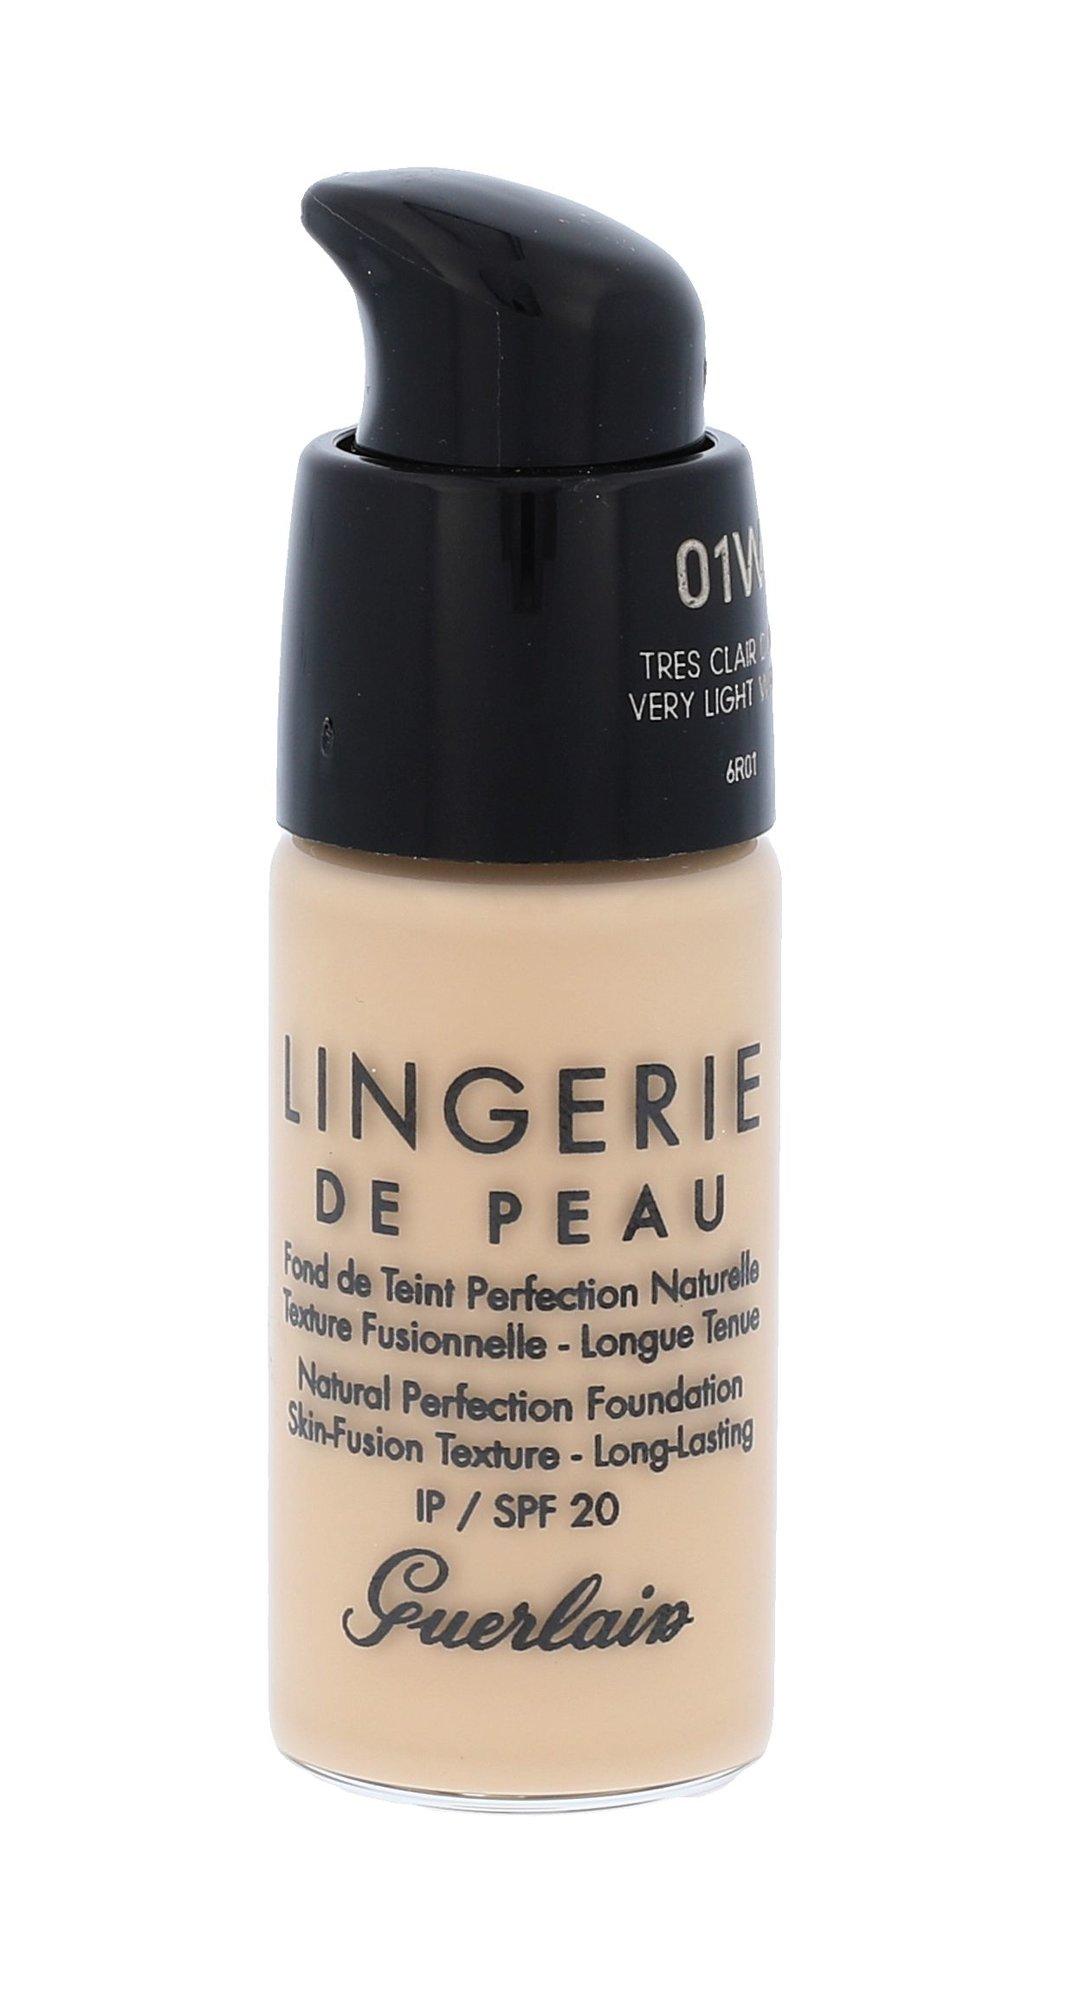 Guerlain Lingerie De Peau Cosmetic 15ml 01W Very Light Warm